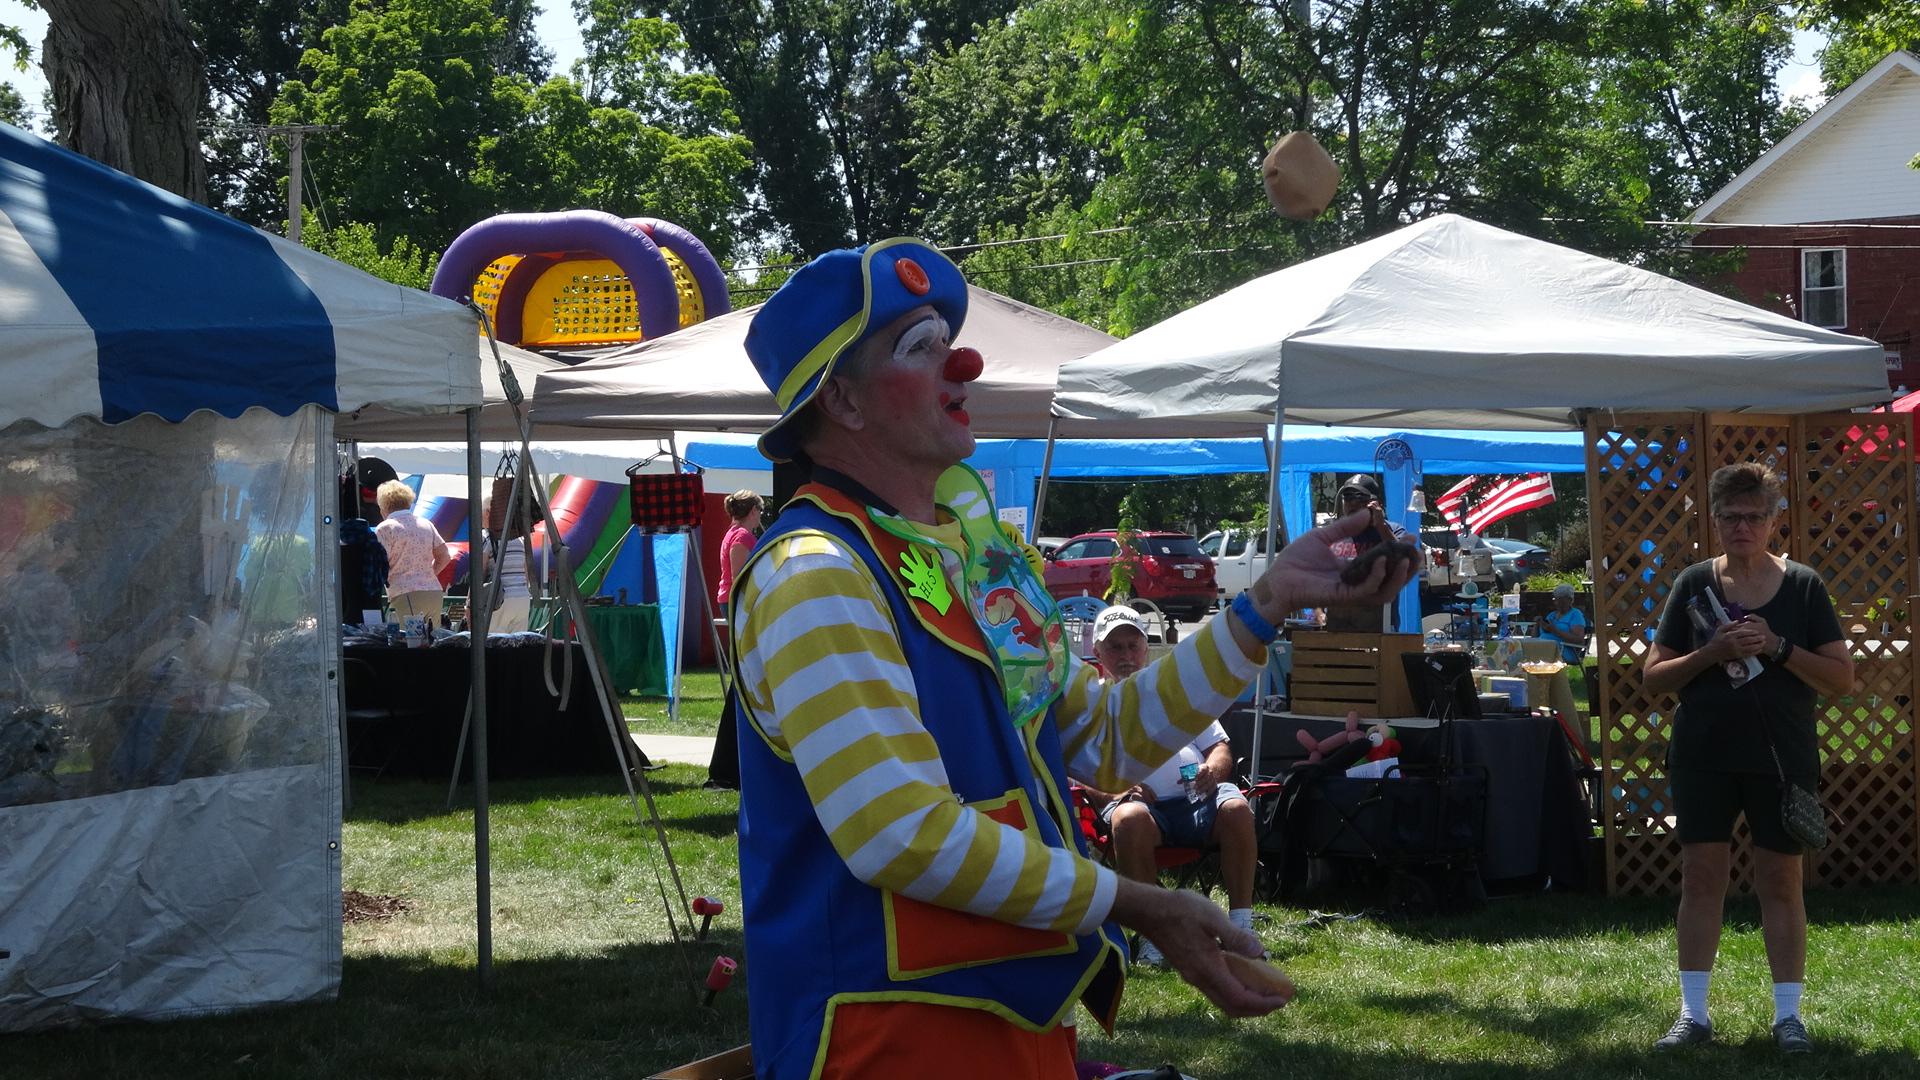 High 5 the Clown